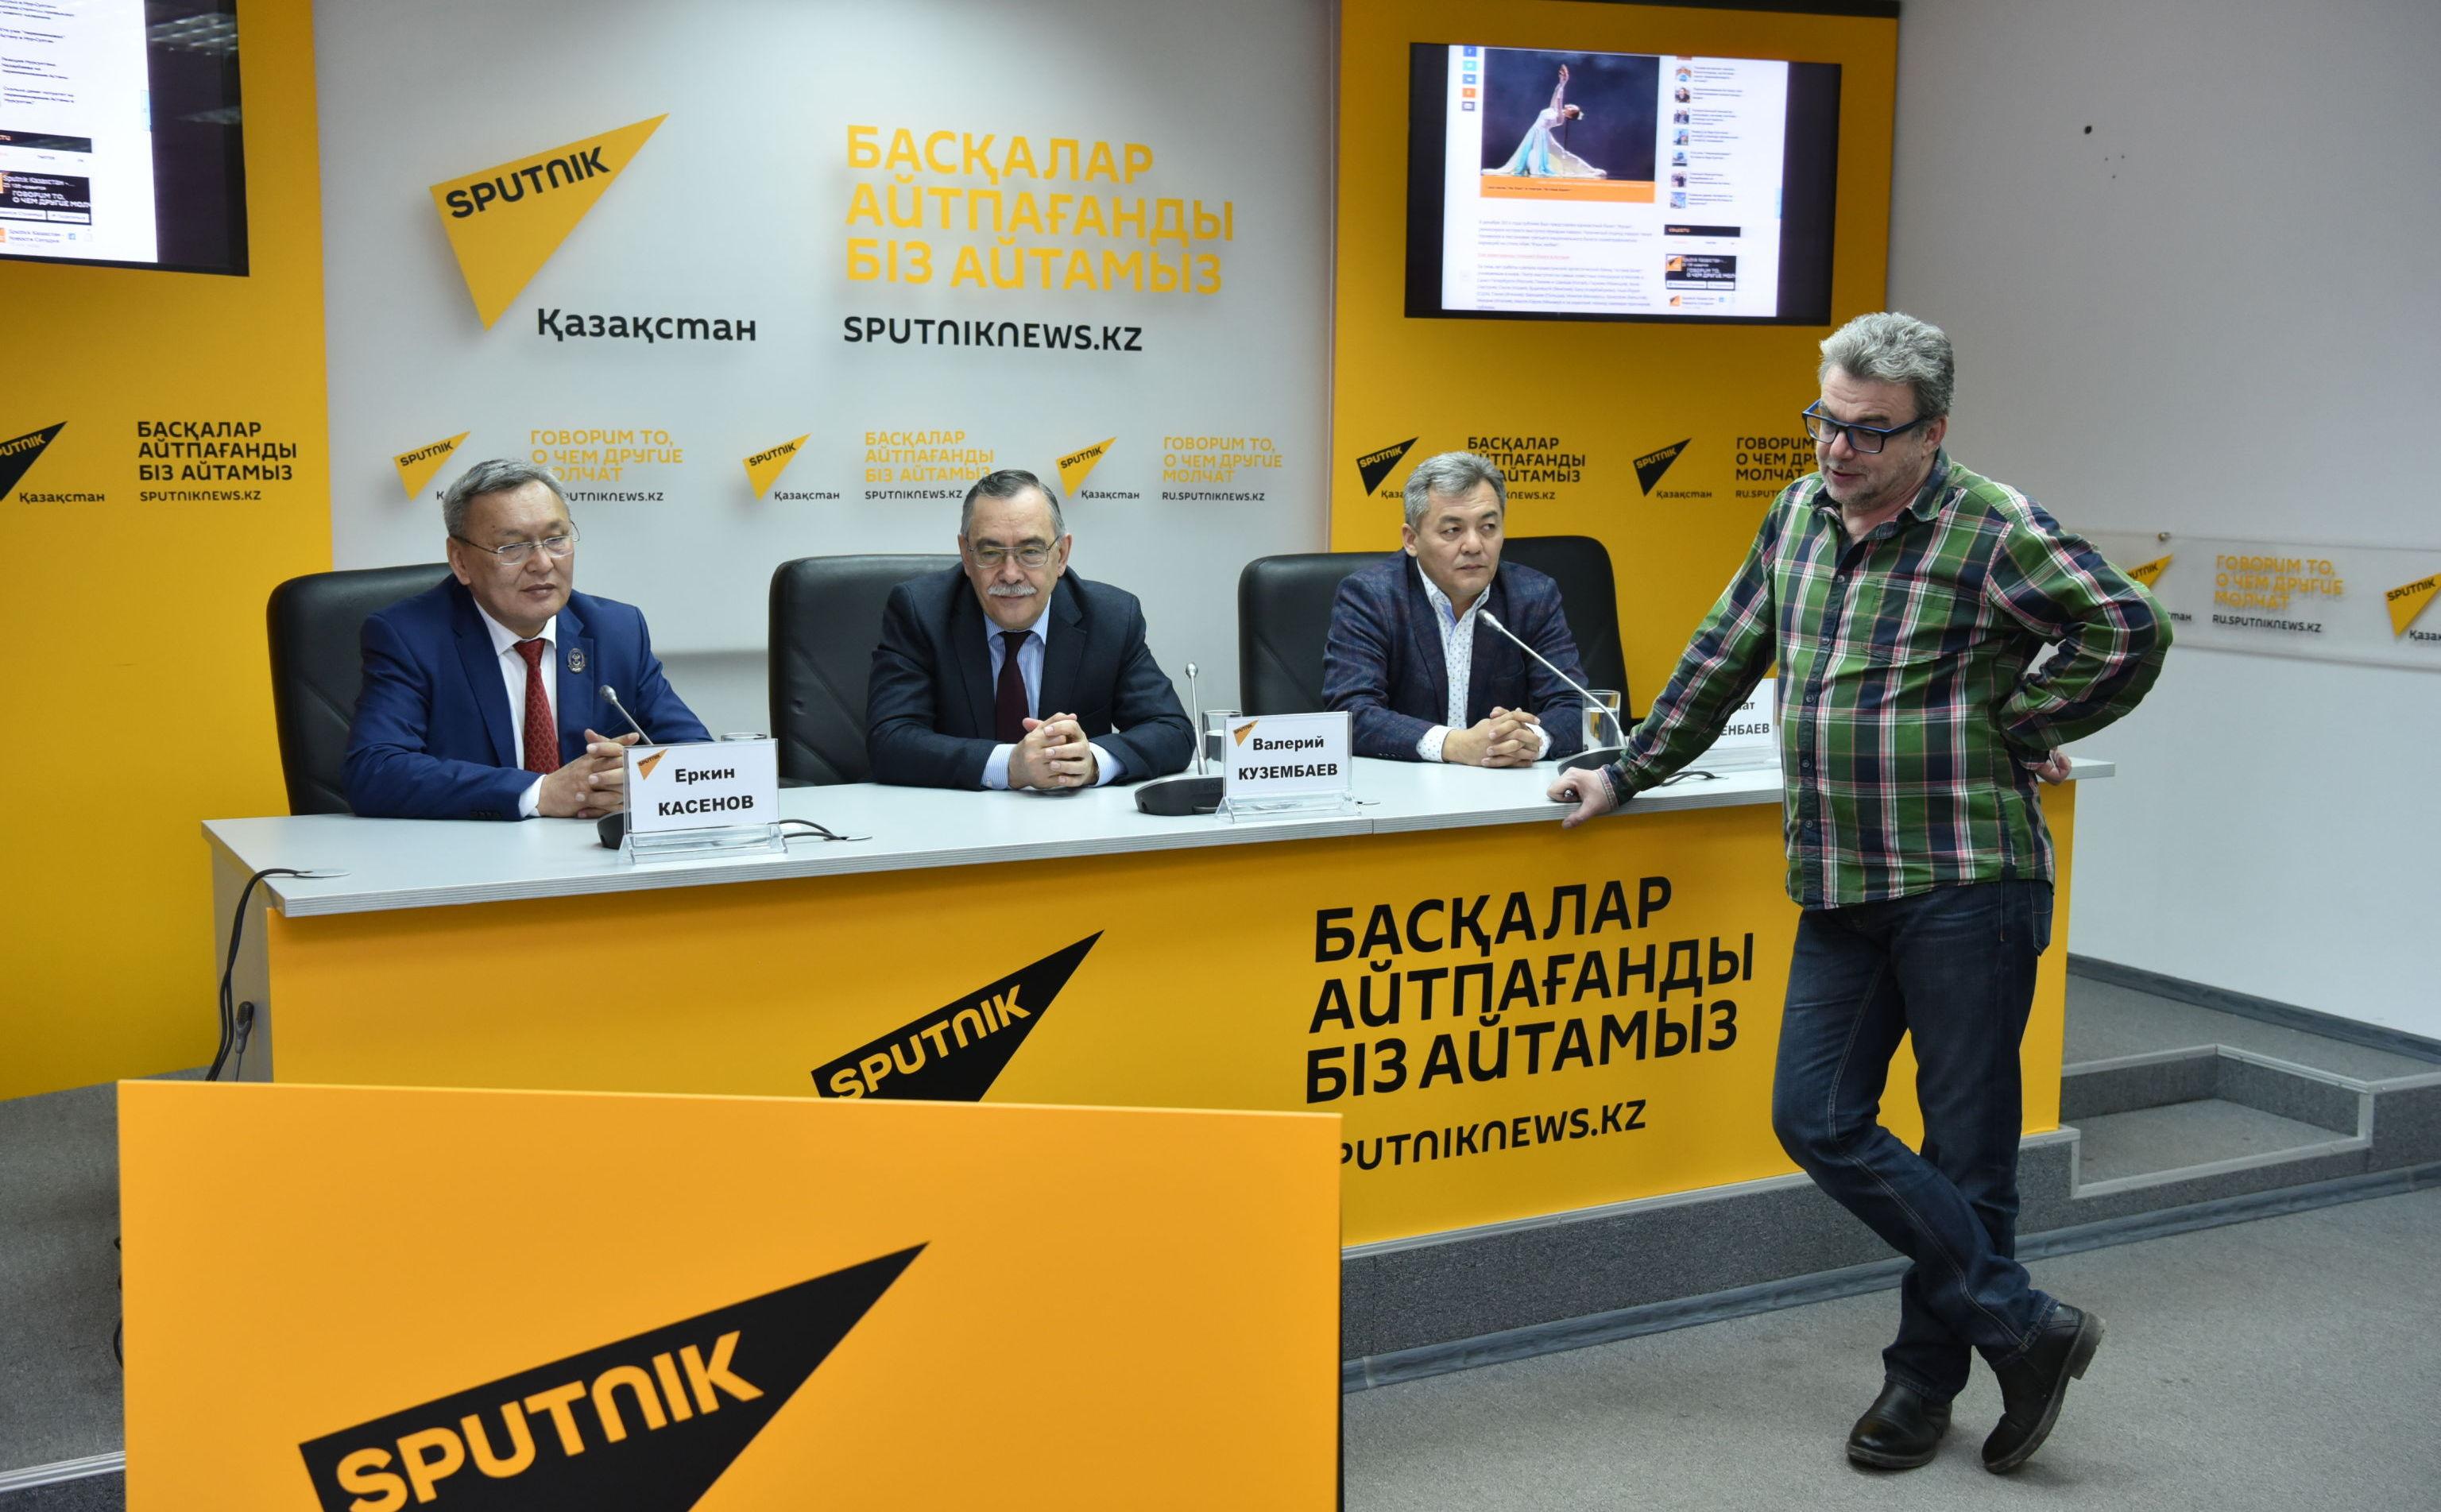 Презентация спецпроекта Sputnik Казахстан Театры и молодежь с интерактивным гидом по театрам республики